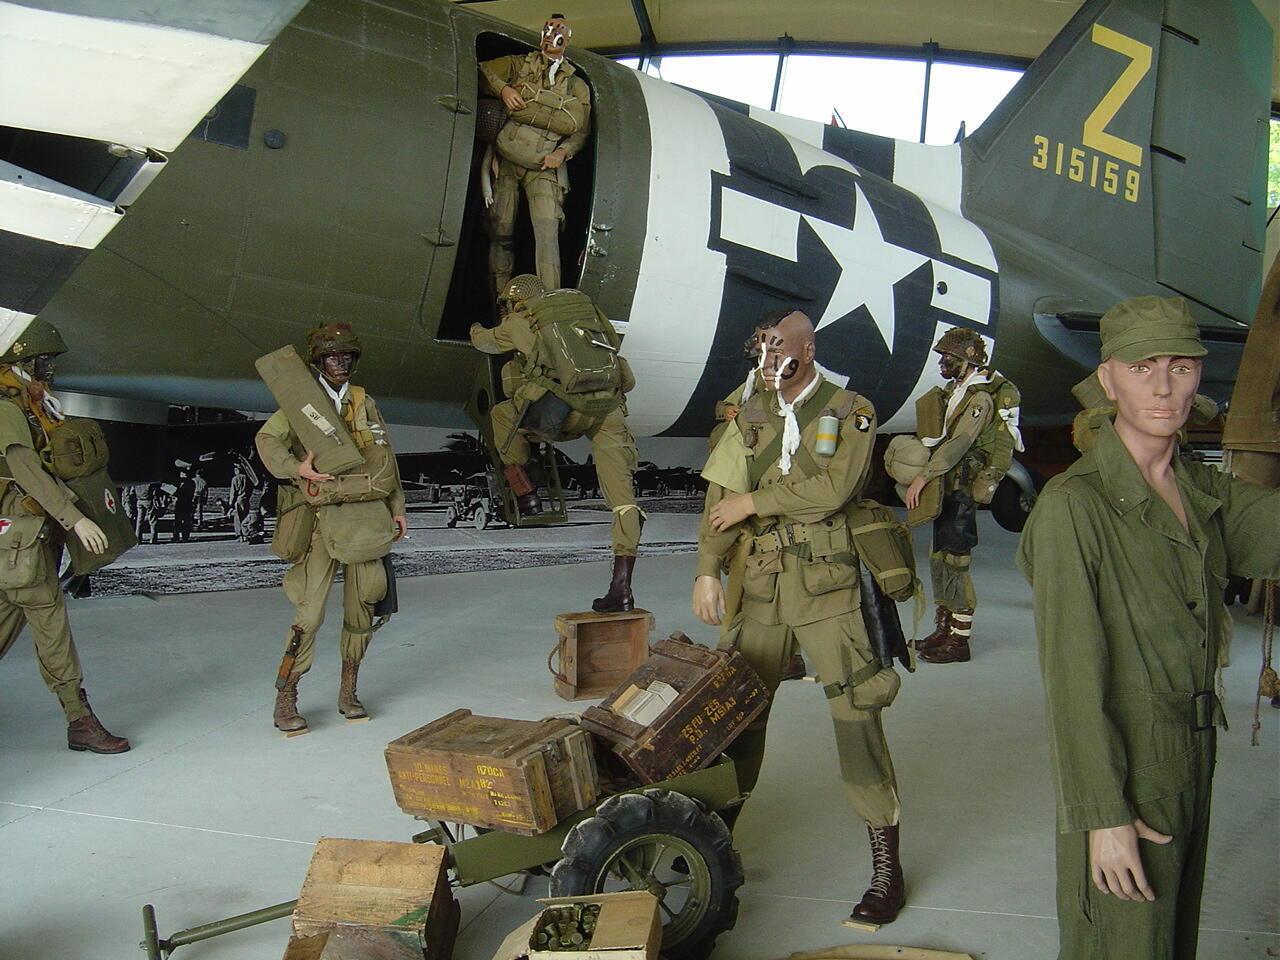 В Музее парашютно-десантных войск городка Сент-Мер-Эглиз